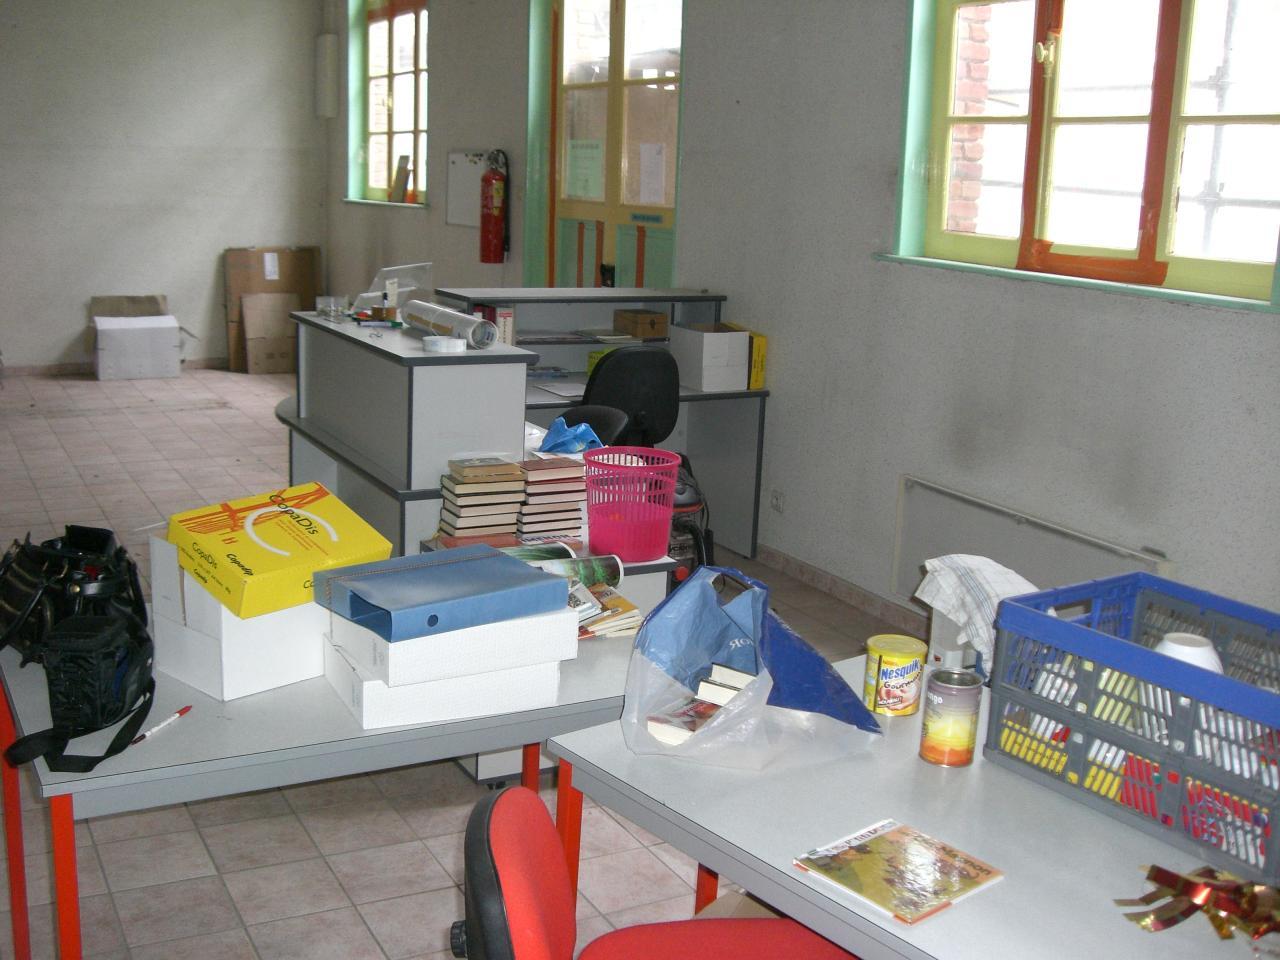 2009.03 le 26 bibliothèque vide + Marlières 008